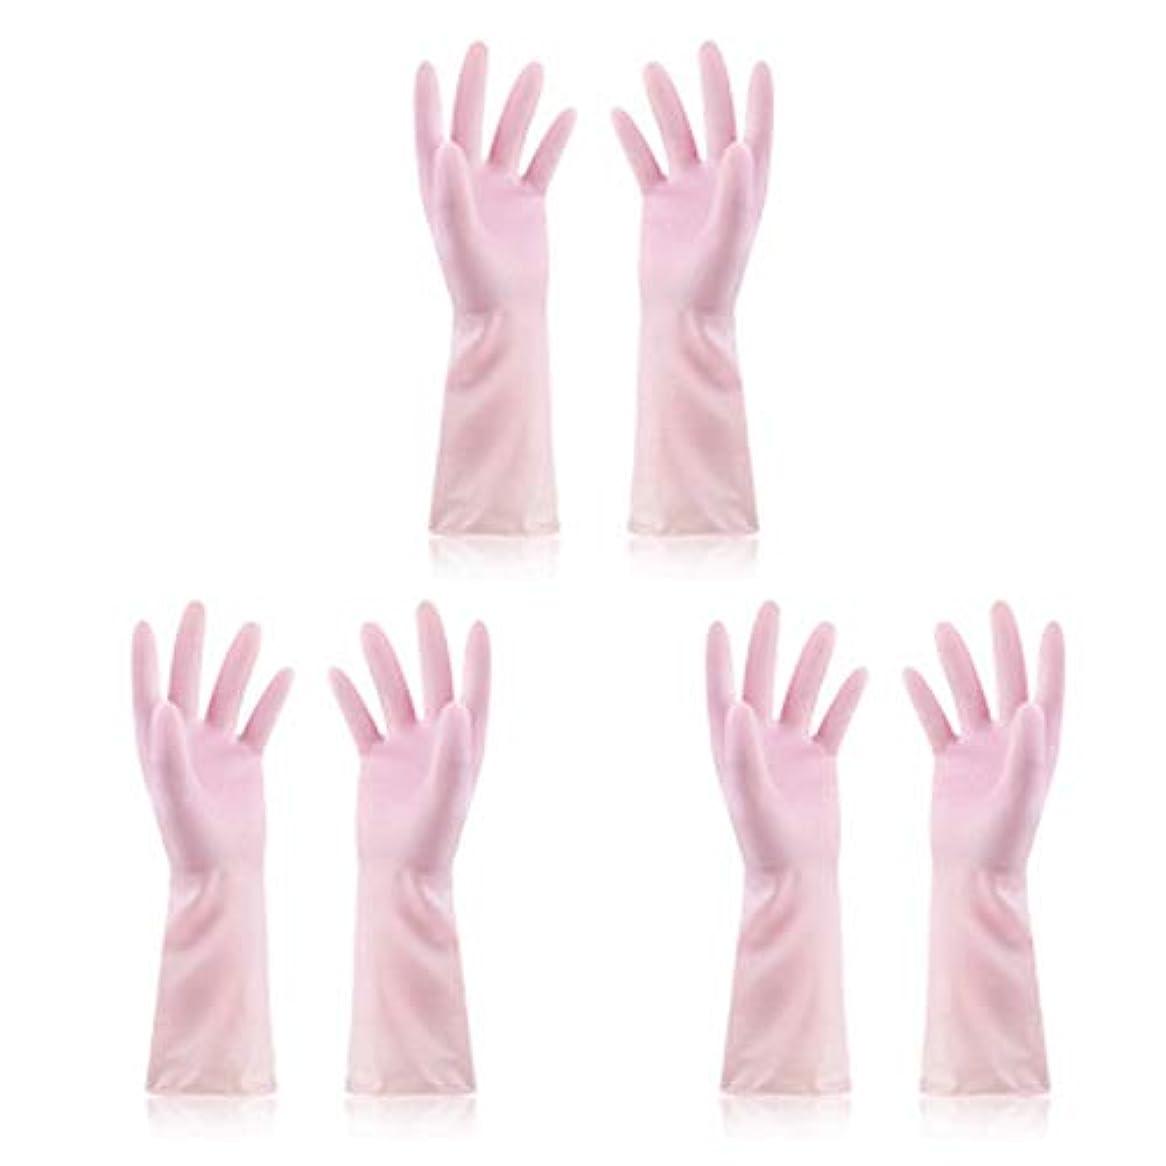 不愉快に保全村ニトリルゴム手袋 使い捨て手袋防水ラテックス焦げ付き防止ゴム製ゴム製台所手袋、3組 使い捨て手袋 (Color : Pink, Size : M)